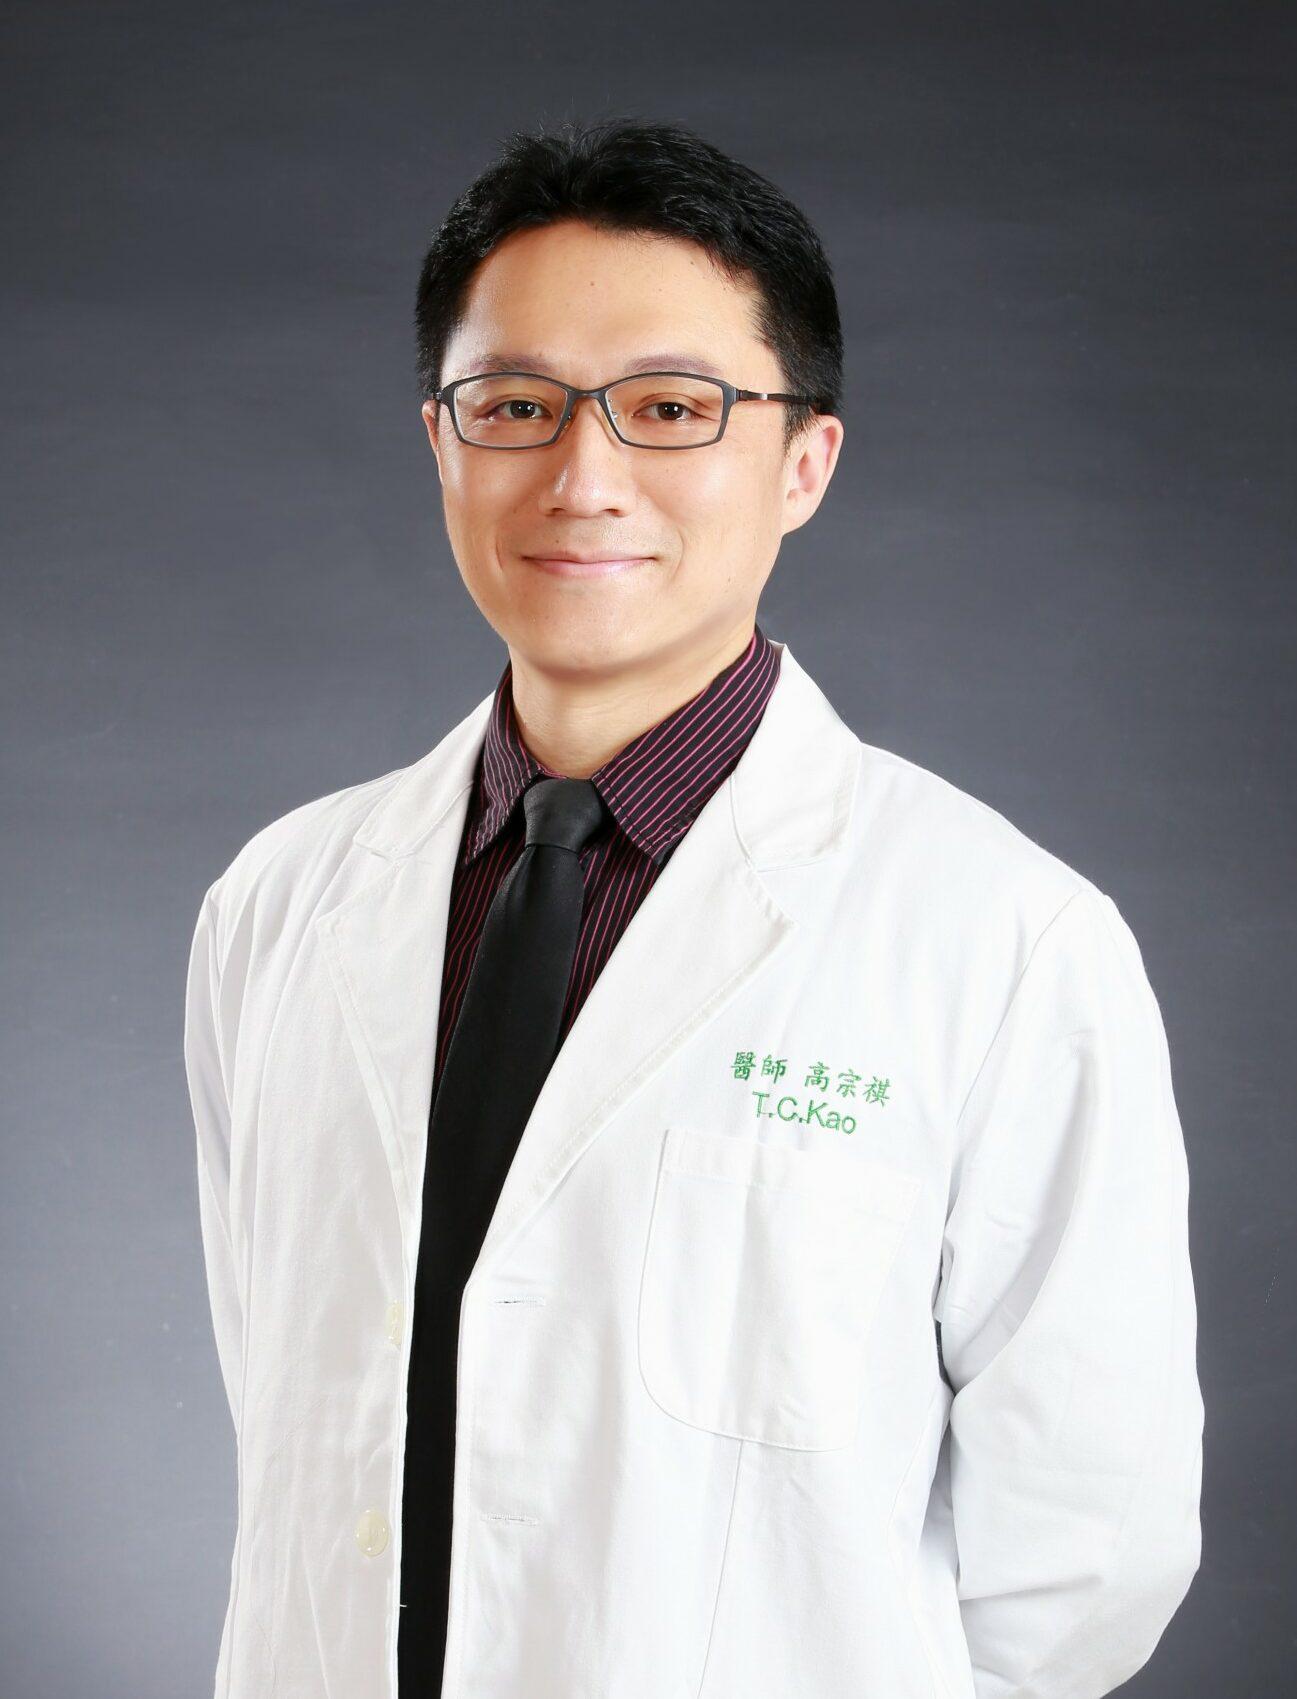 高宗祺醫師